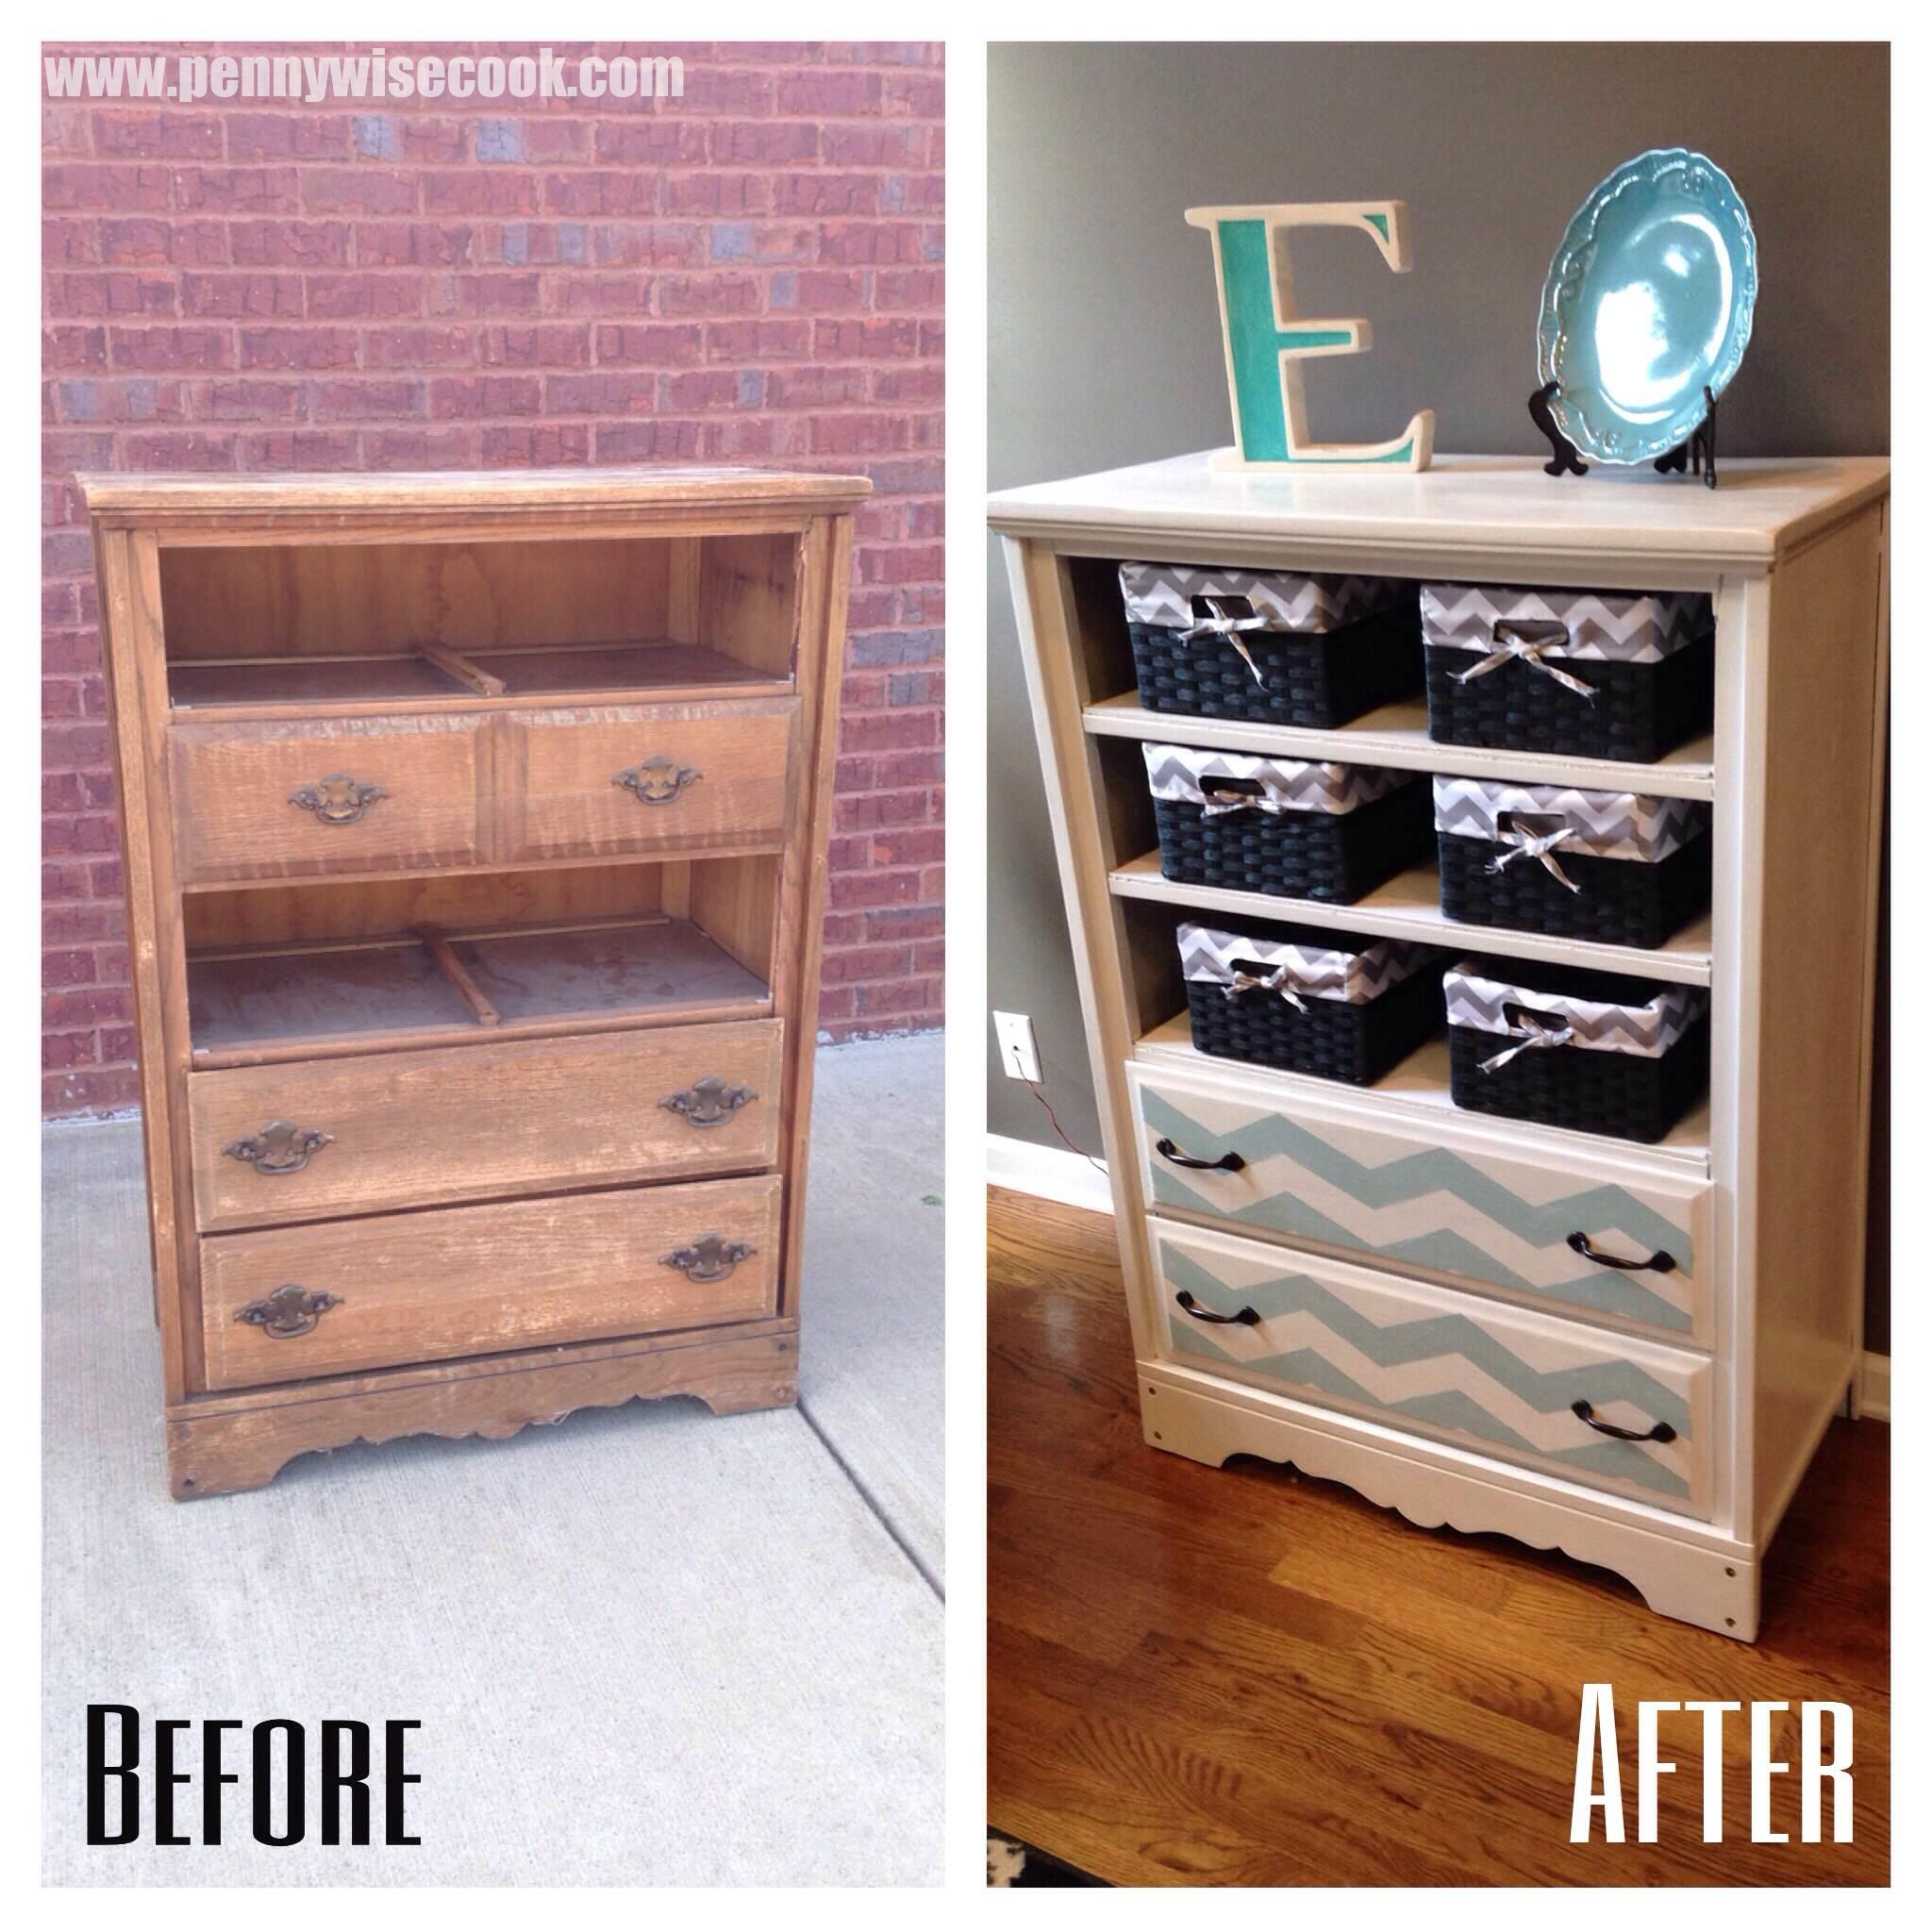 DIY Roadside Dresser Transformation Diy dresser makeover